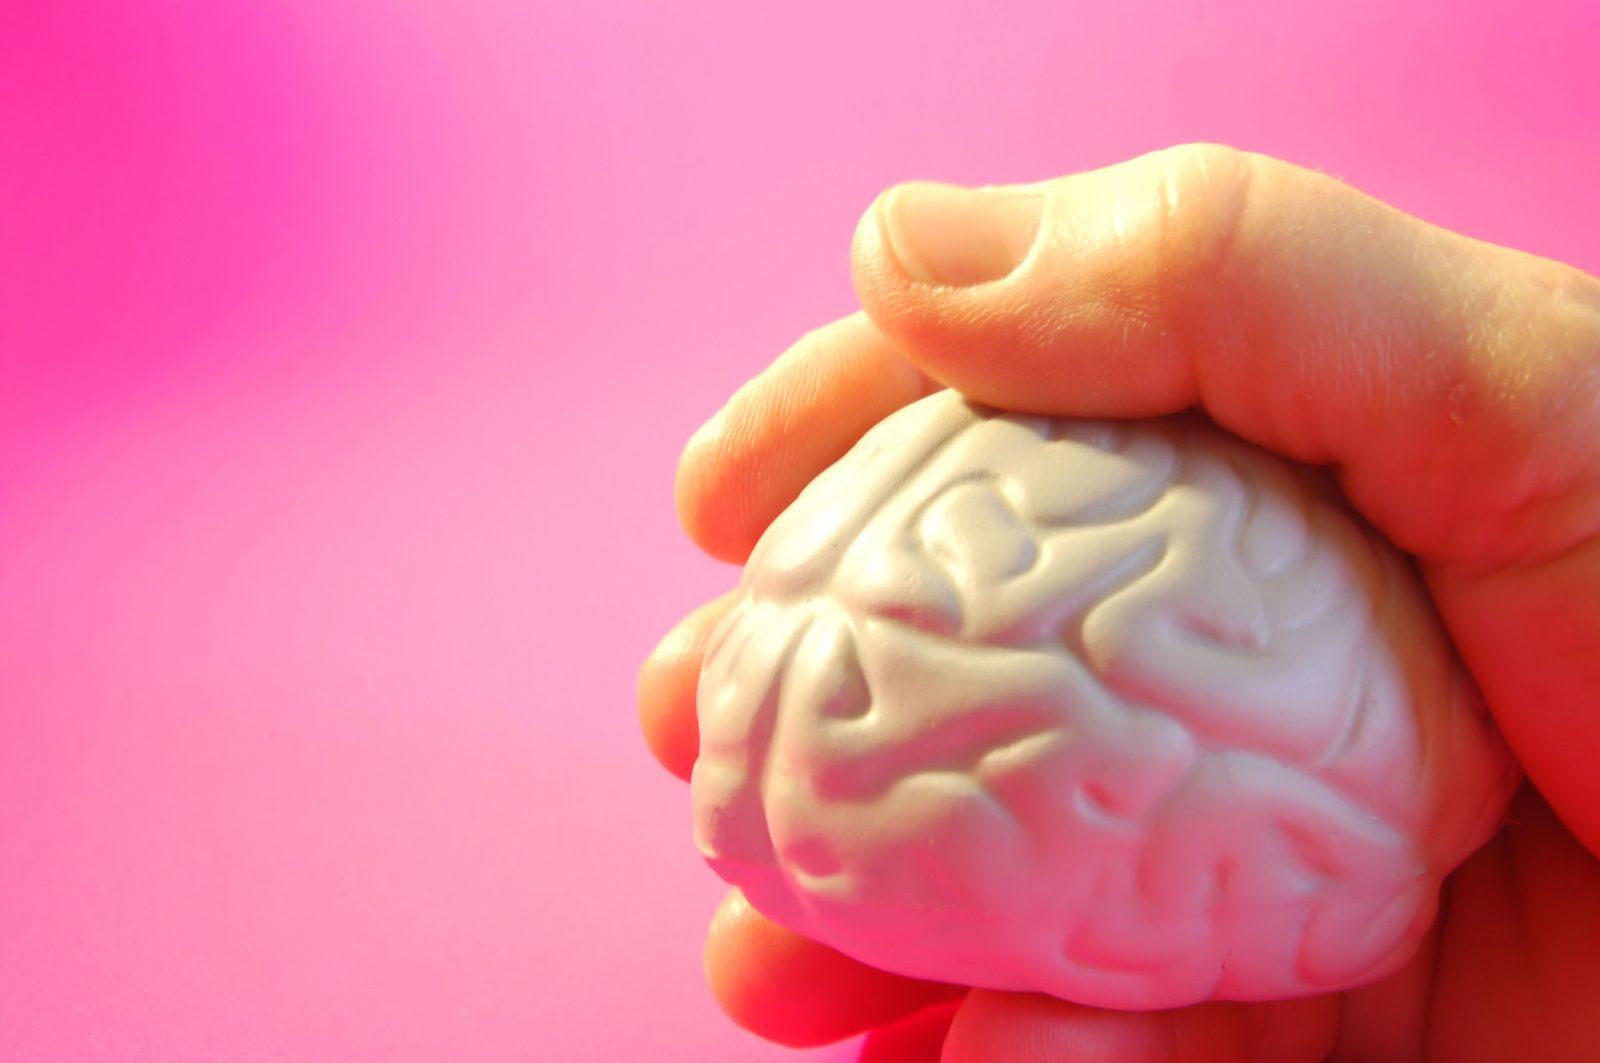 mitoscomunssobrenossocérebro